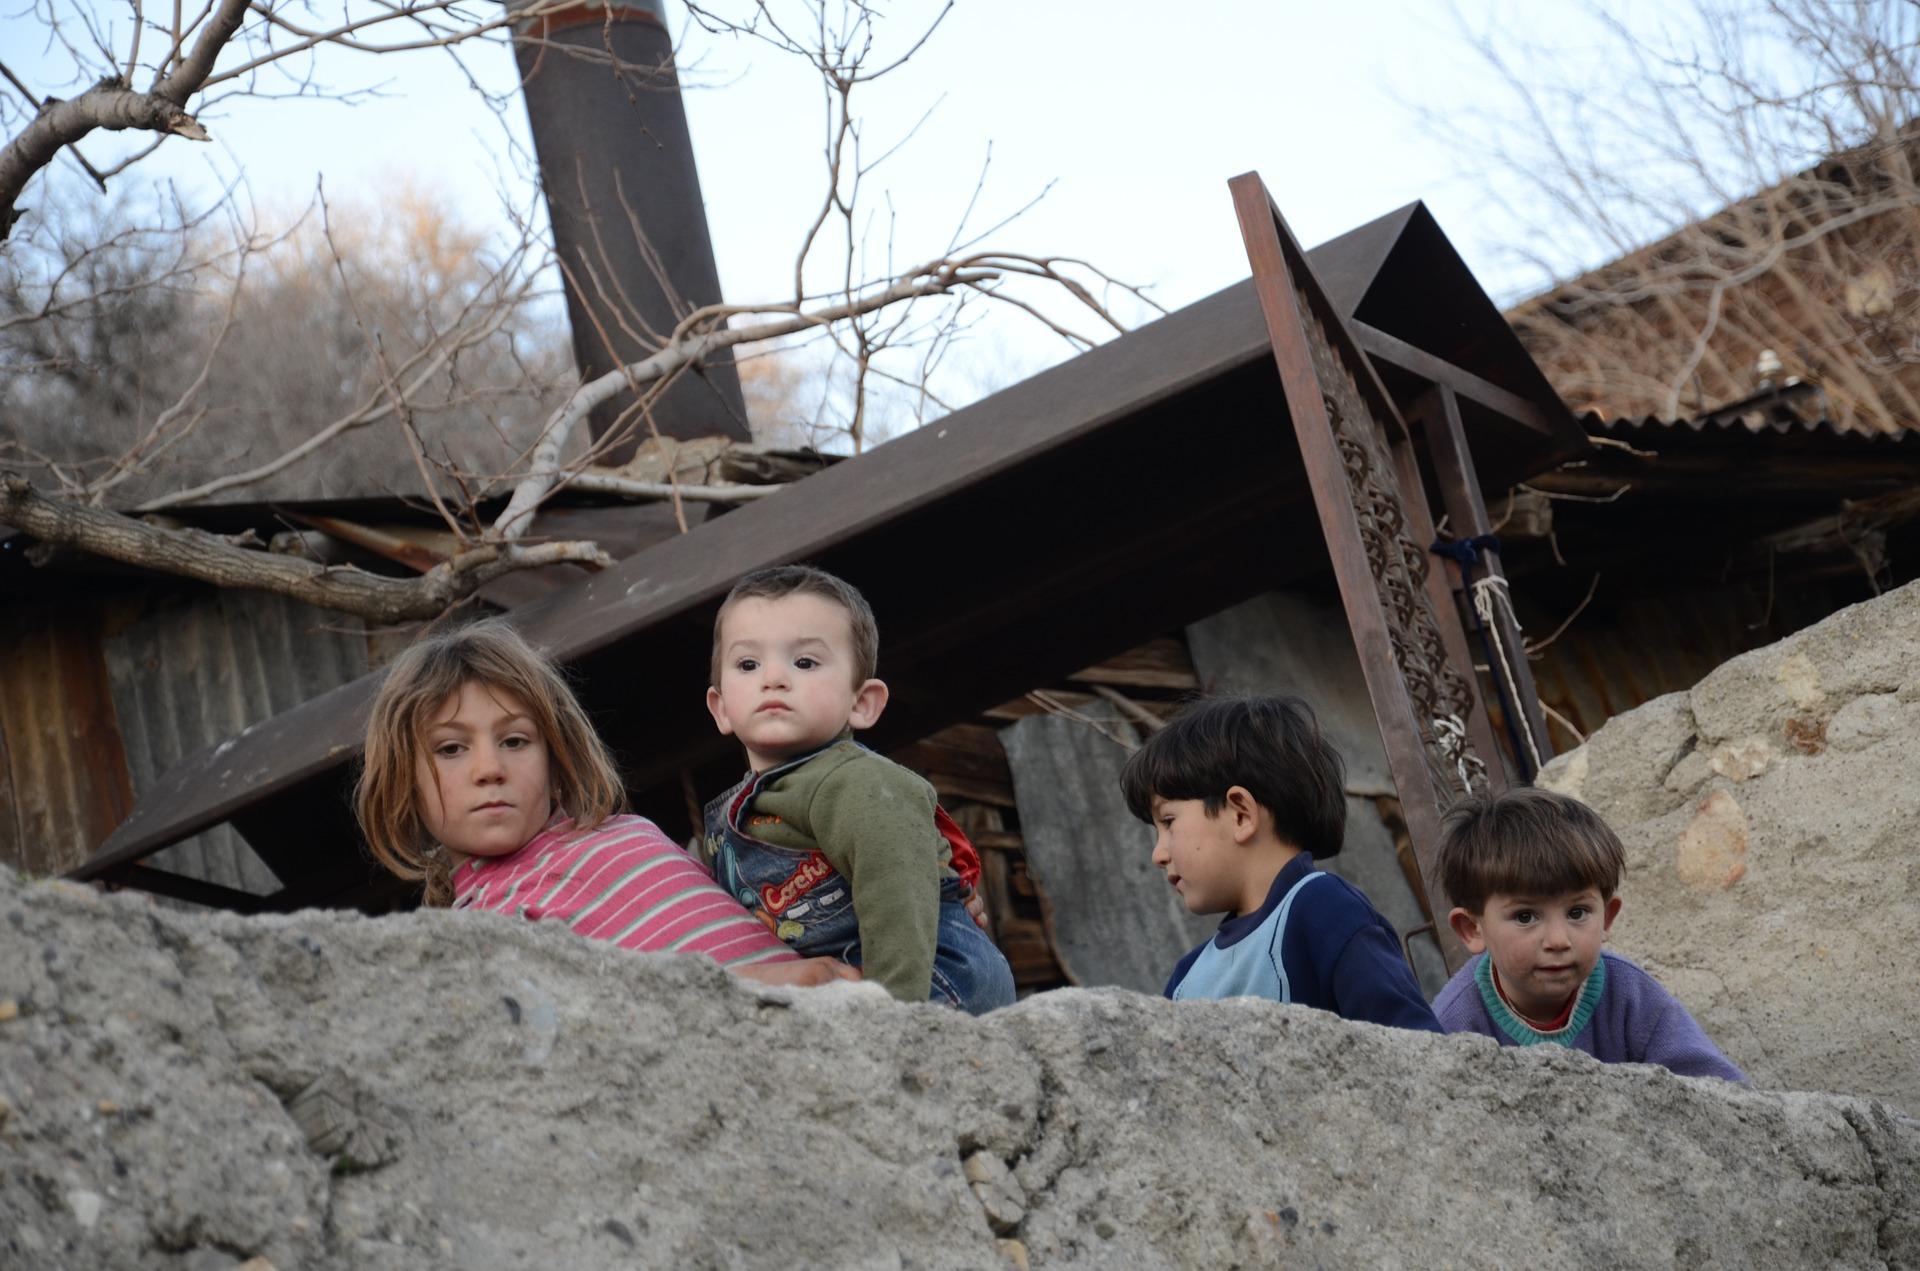 Mbi 22 për qind e popullatës në Maqedoninë e Veriut jetojnë në varfëri